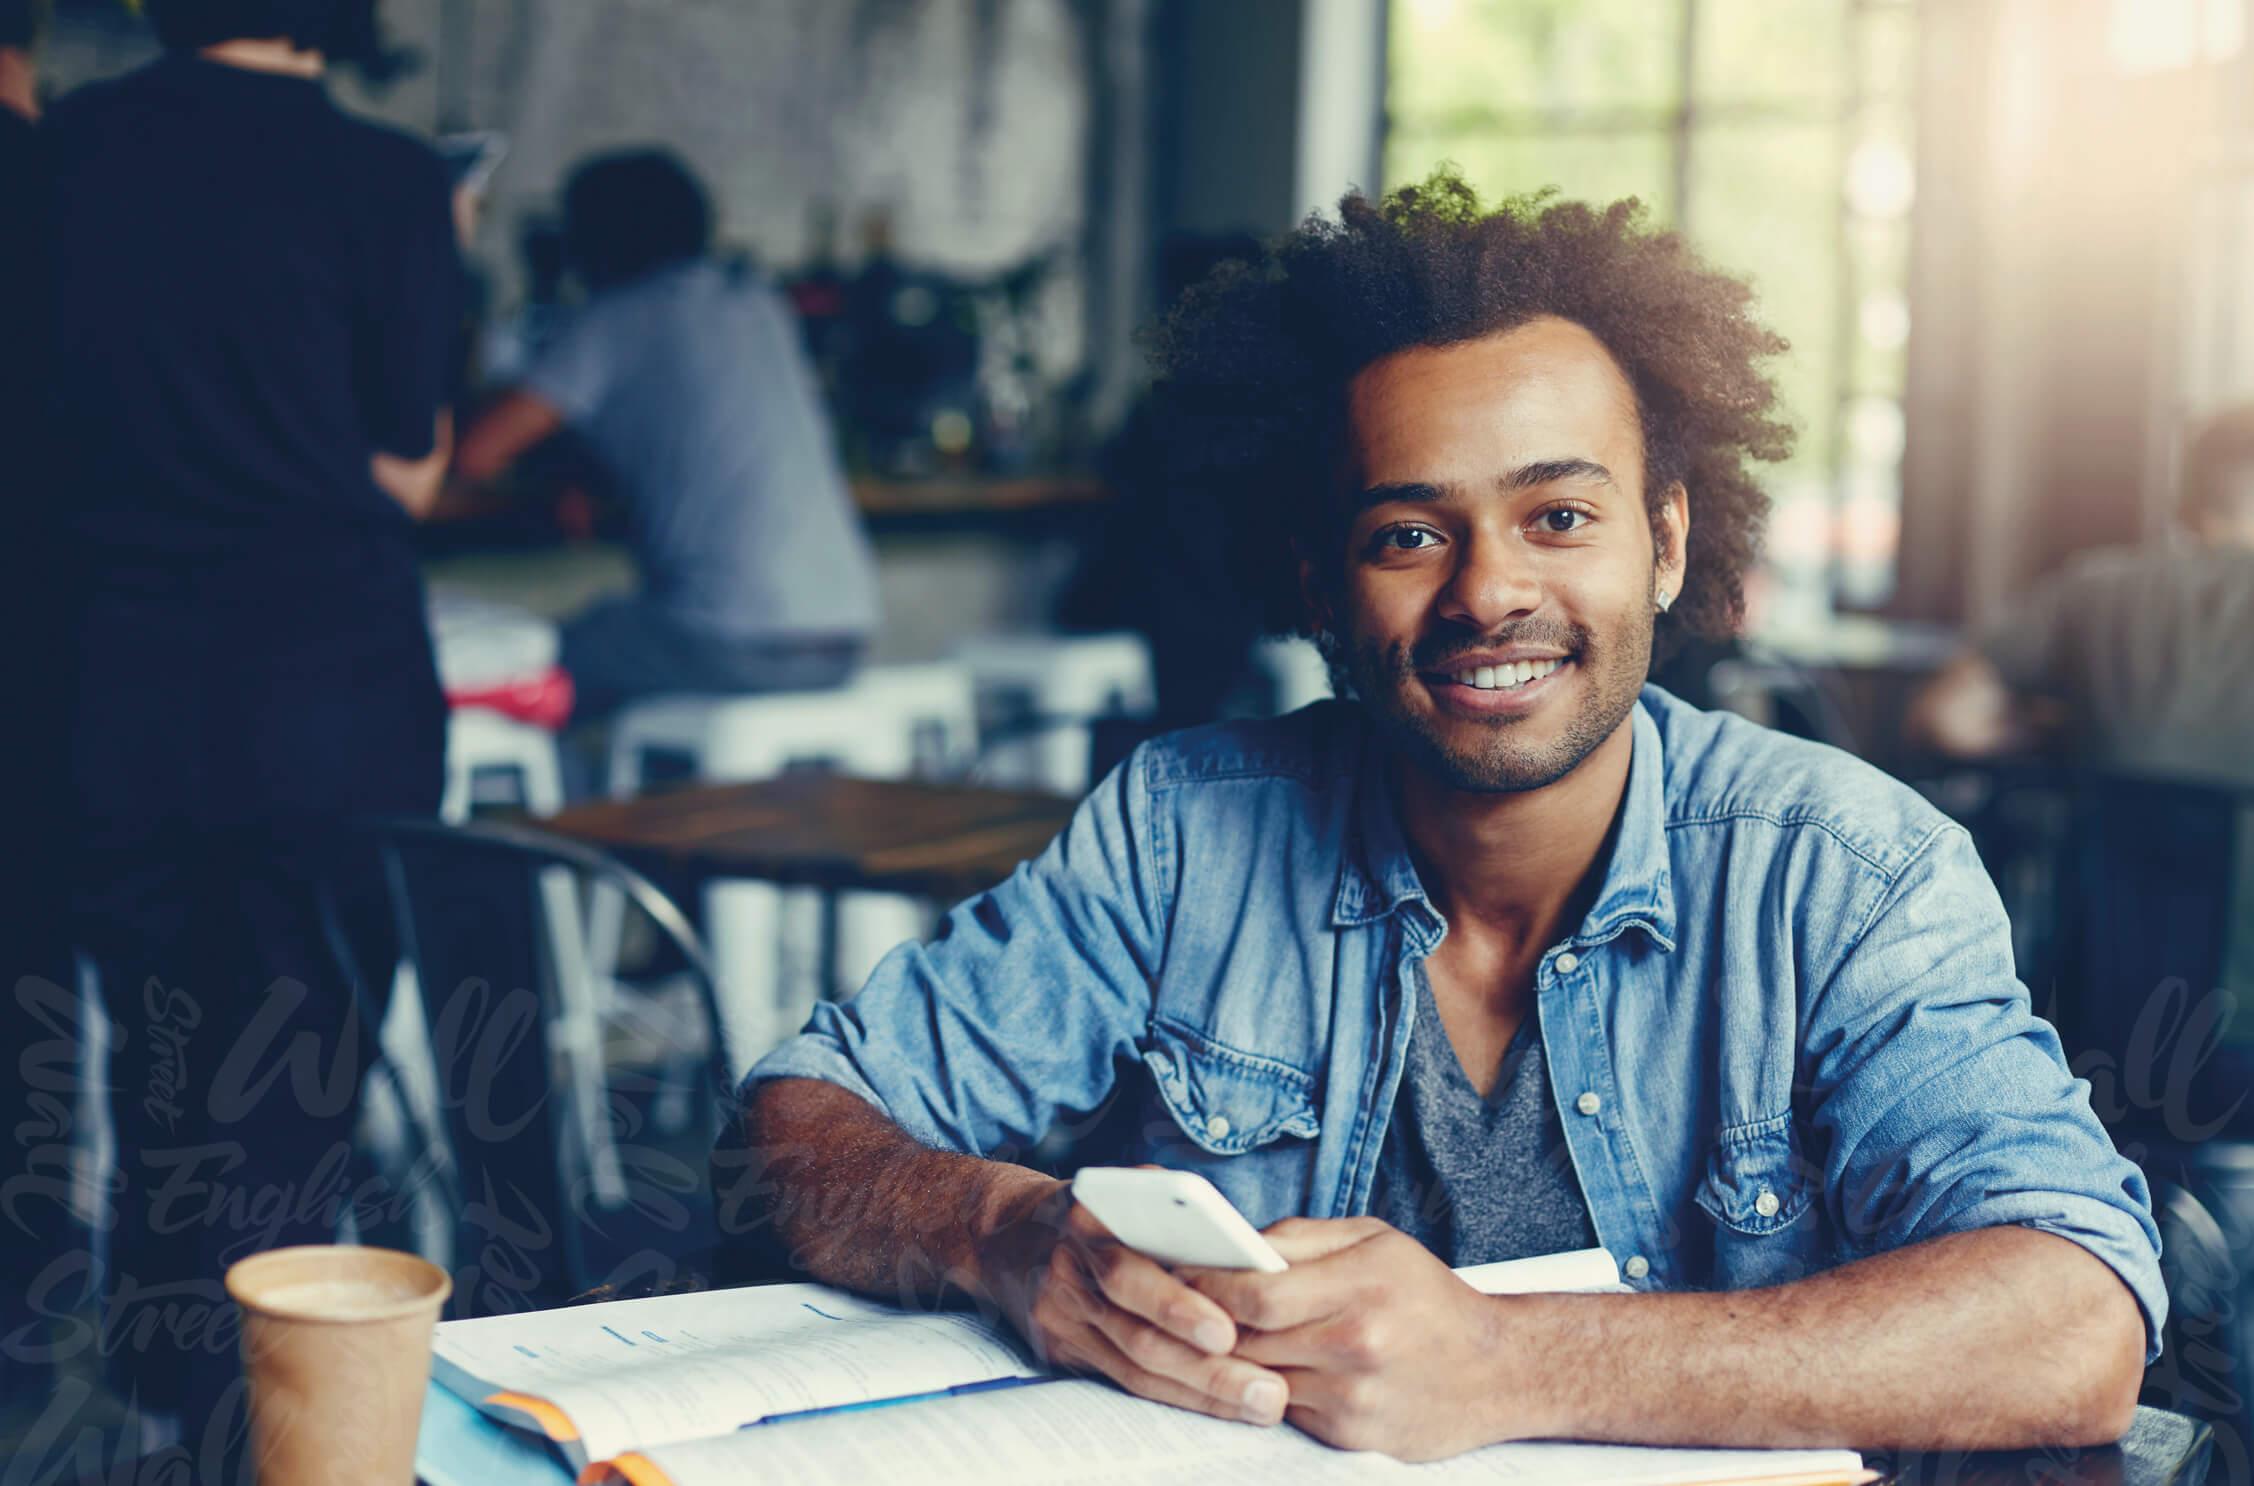 chico joven estudiando los tiempos verbales en ingles con un movil en la mano y un libro en un cafeteria